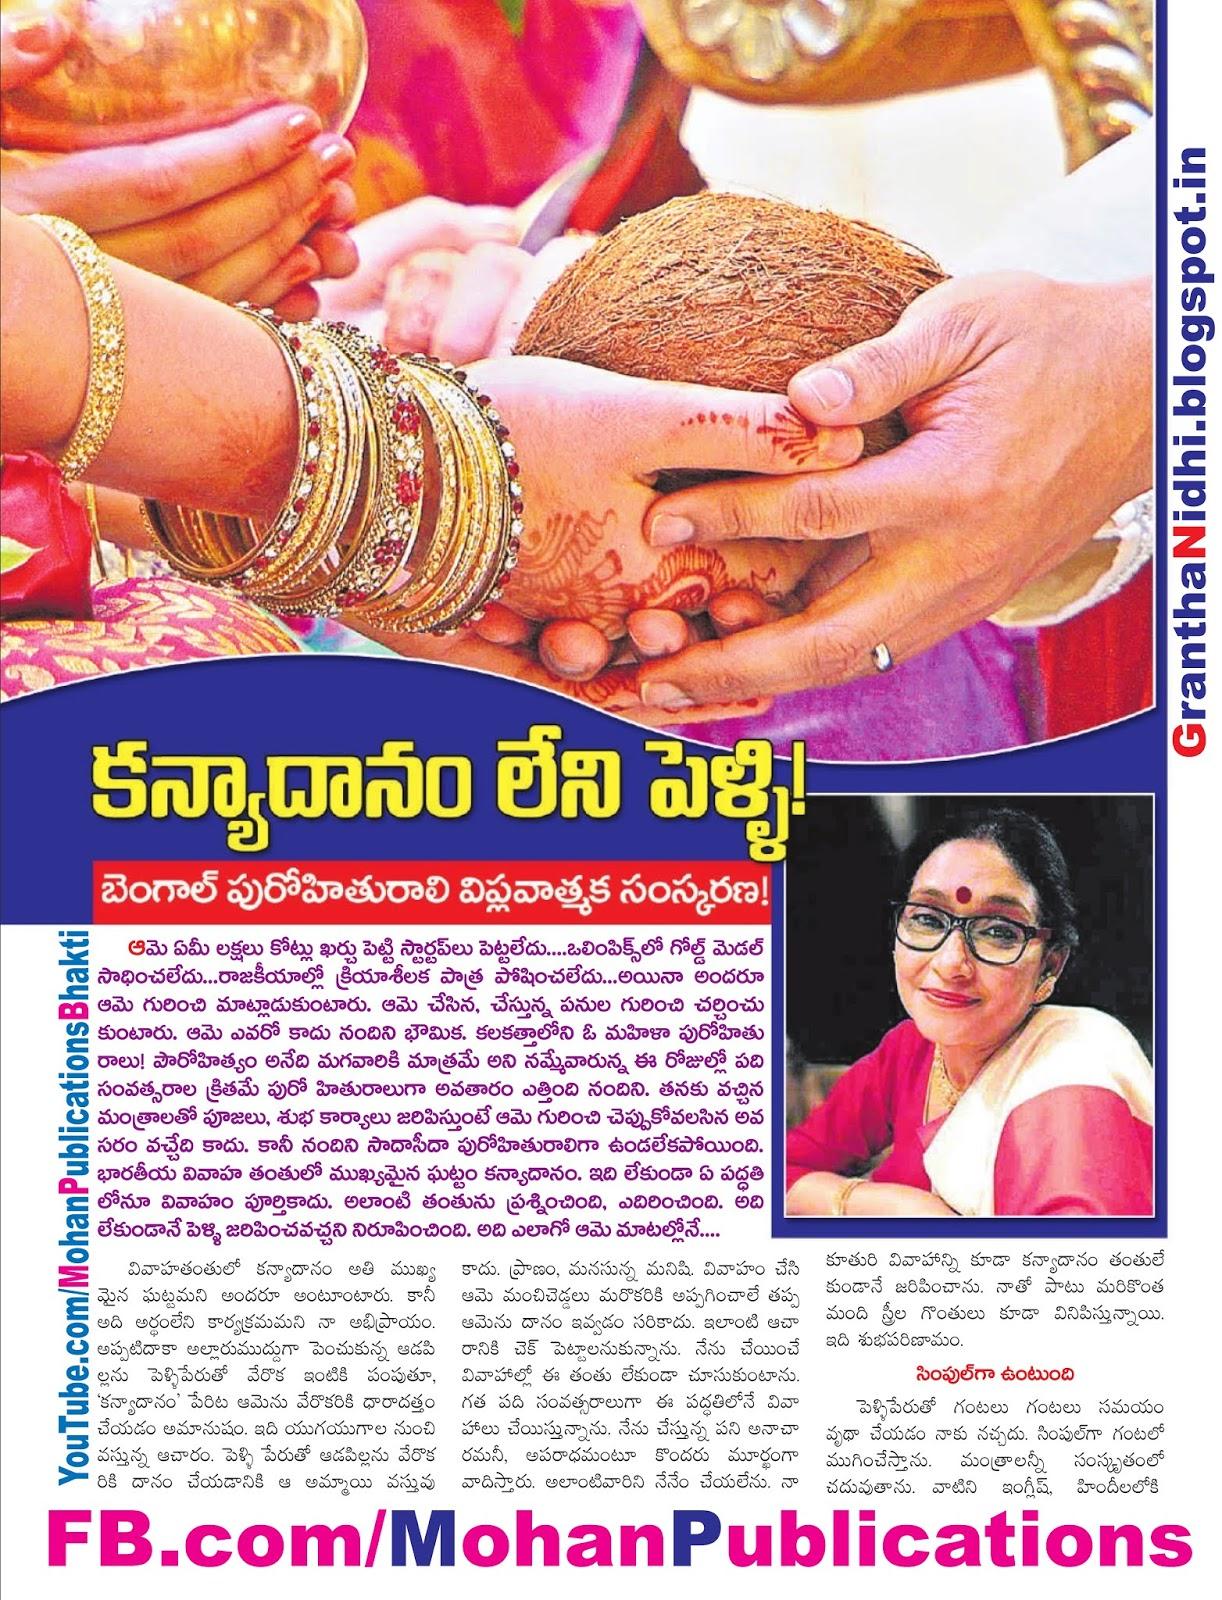 కన్యాదానం లేని పెళ్ళి Hindu Marriage indian marriage north indian marriage marriage kanyadhanam kanyadanam pelli indian wedding Publications in Rajahmundry, Books Publisher in Rajahmundry, Popular Publisher in Rajahmundry, BhaktiPustakalu, Makarandam, Bhakthi Pustakalu, JYOTHISA,VASTU,MANTRA, TANTRA,YANTRA,RASIPALITALU, BHAKTI,LEELA,BHAKTHI SONGS, BHAKTHI,LAGNA,PURANA,NOMULU, VRATHAMULU,POOJALU,  KALABHAIRAVAGURU, SAHASRANAMAMULU,KAVACHAMULU, ASHTORAPUJA,KALASAPUJALU, KUJA DOSHA,DASAMAHAVIDYA, SADHANALU,MOHAN PUBLICATIONS, RAJAHMUNDRY BOOK STORE, BOOKS,DEVOTIONAL BOOKS, KALABHAIRAVA GURU,KALABHAIRAVA, RAJAMAHENDRAVARAM,GODAVARI,GOWTHAMI, FORTGATE,KOTAGUMMAM,GODAVARI RAILWAY STATION, PRINT BOOKS,E BOOKS,PDF BOOKS, FREE PDF BOOKS,BHAKTHI MANDARAM,GRANTHANIDHI, GRANDANIDI,GRANDHANIDHI, BHAKTHI PUSTHAKALU, BHAKTI PUSTHAKALU, BHAKTHI